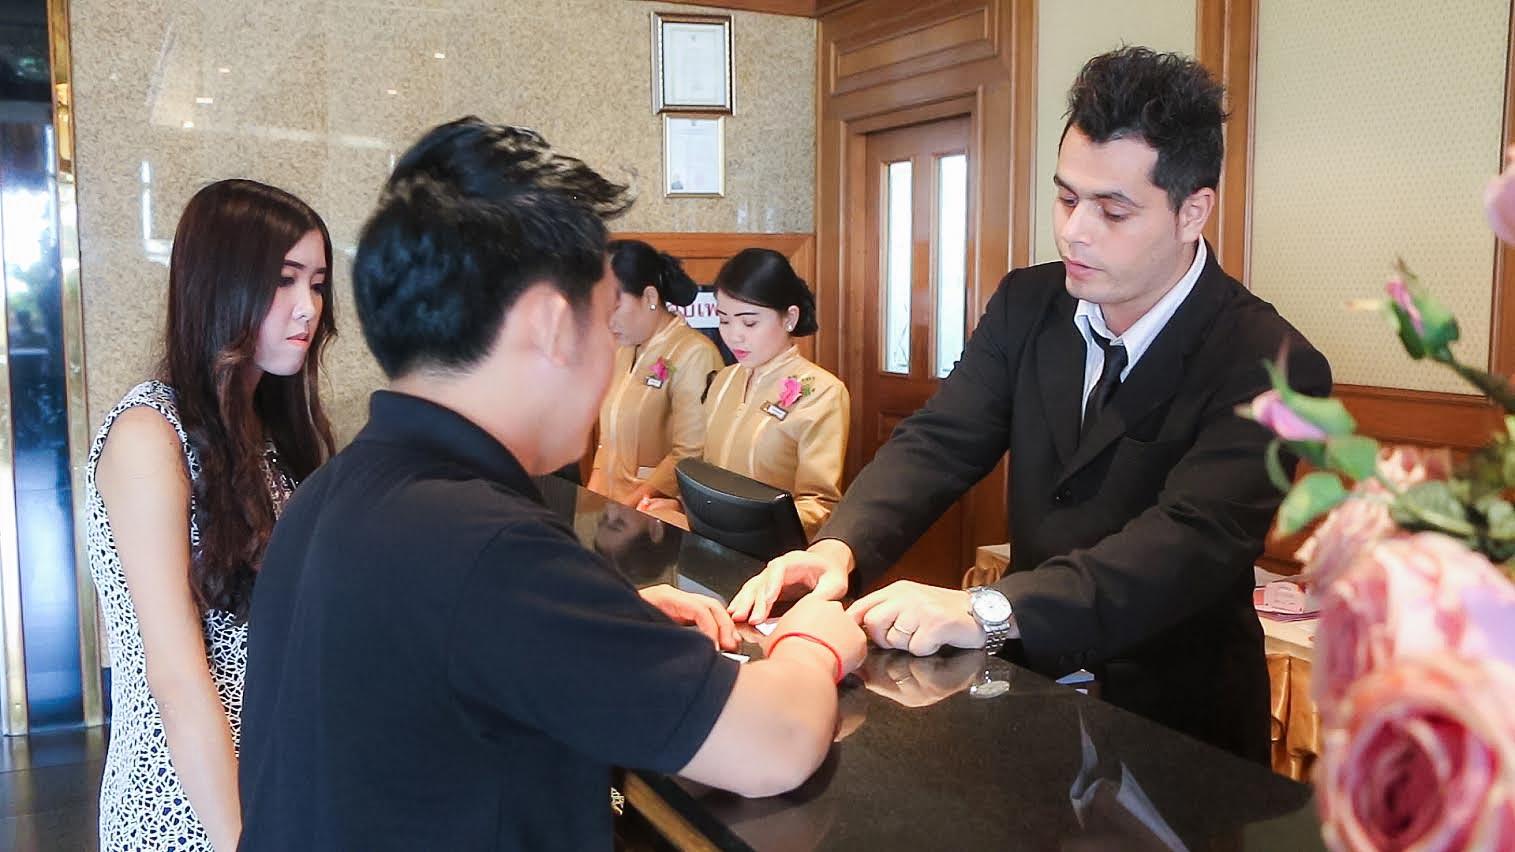 สหกิจศึกษา-Princs Palace Hotel วิทยาลัยนานาชาติ มหาวิทยาลัยศรีปทุม03